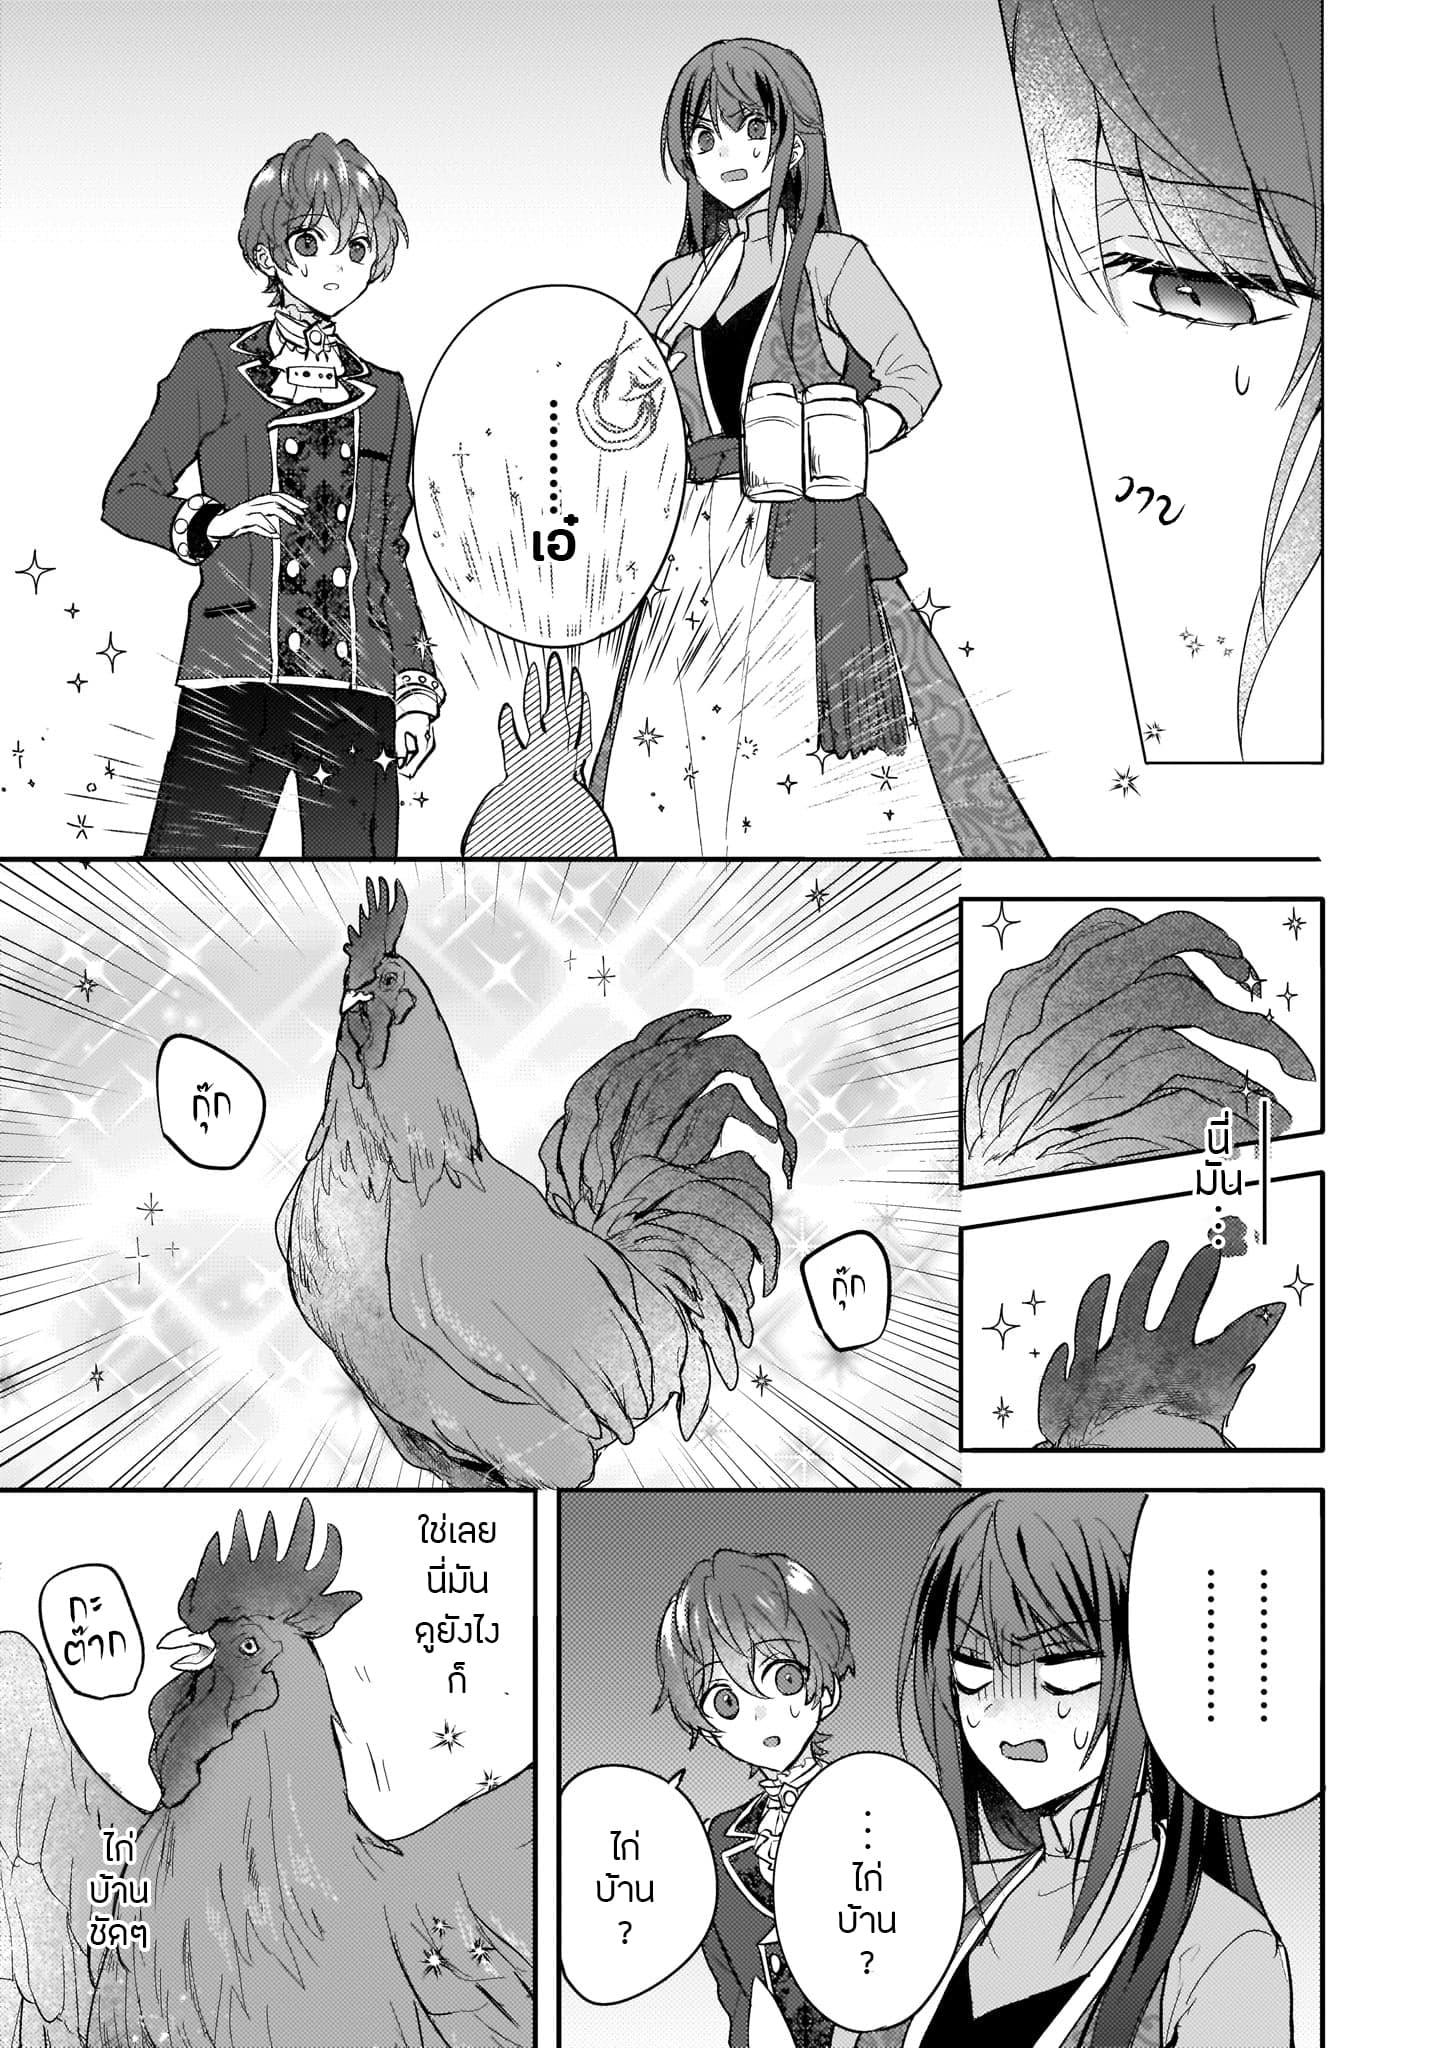 อ่านการ์ตูน Skill Daidokoro Shoukan wa Sugoi! Isekai de Gohan Tsukutte Point Tamemasu ตอนที่ 10 หน้าที่ 18